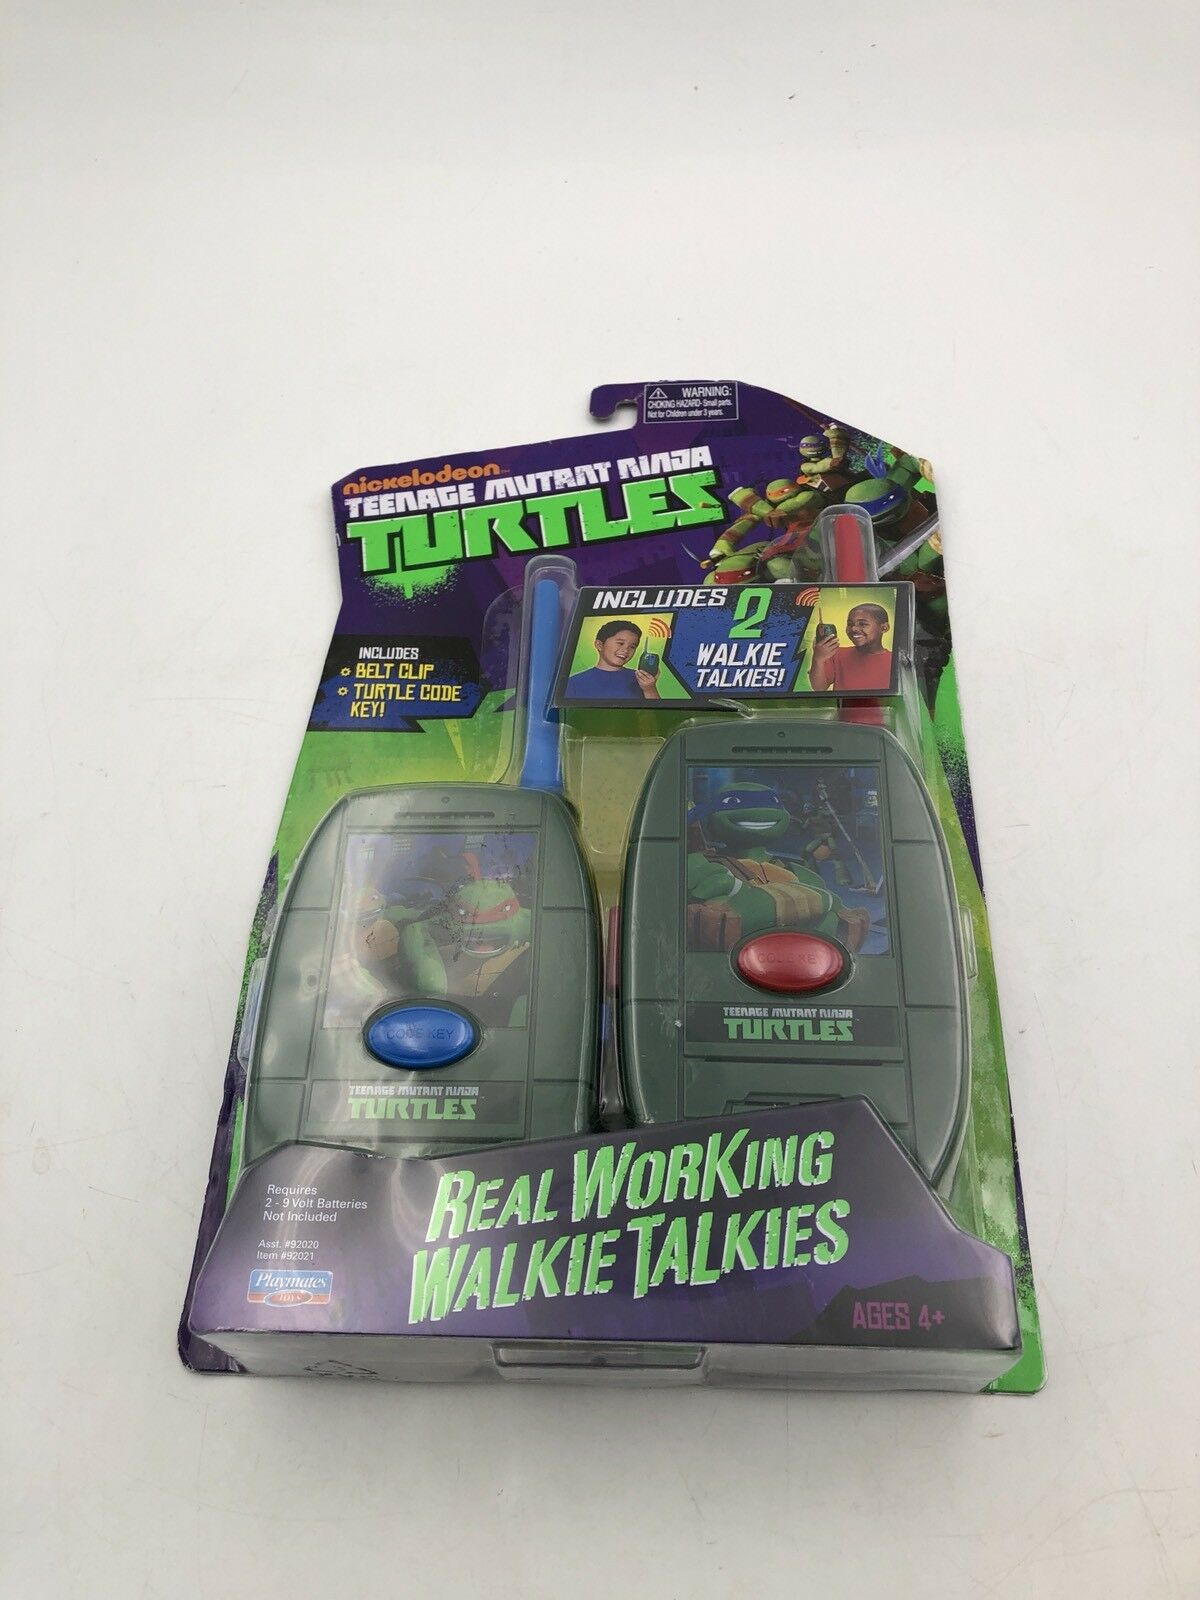 Die spielkameraden teenage mutant ninja turtles walkietalkie